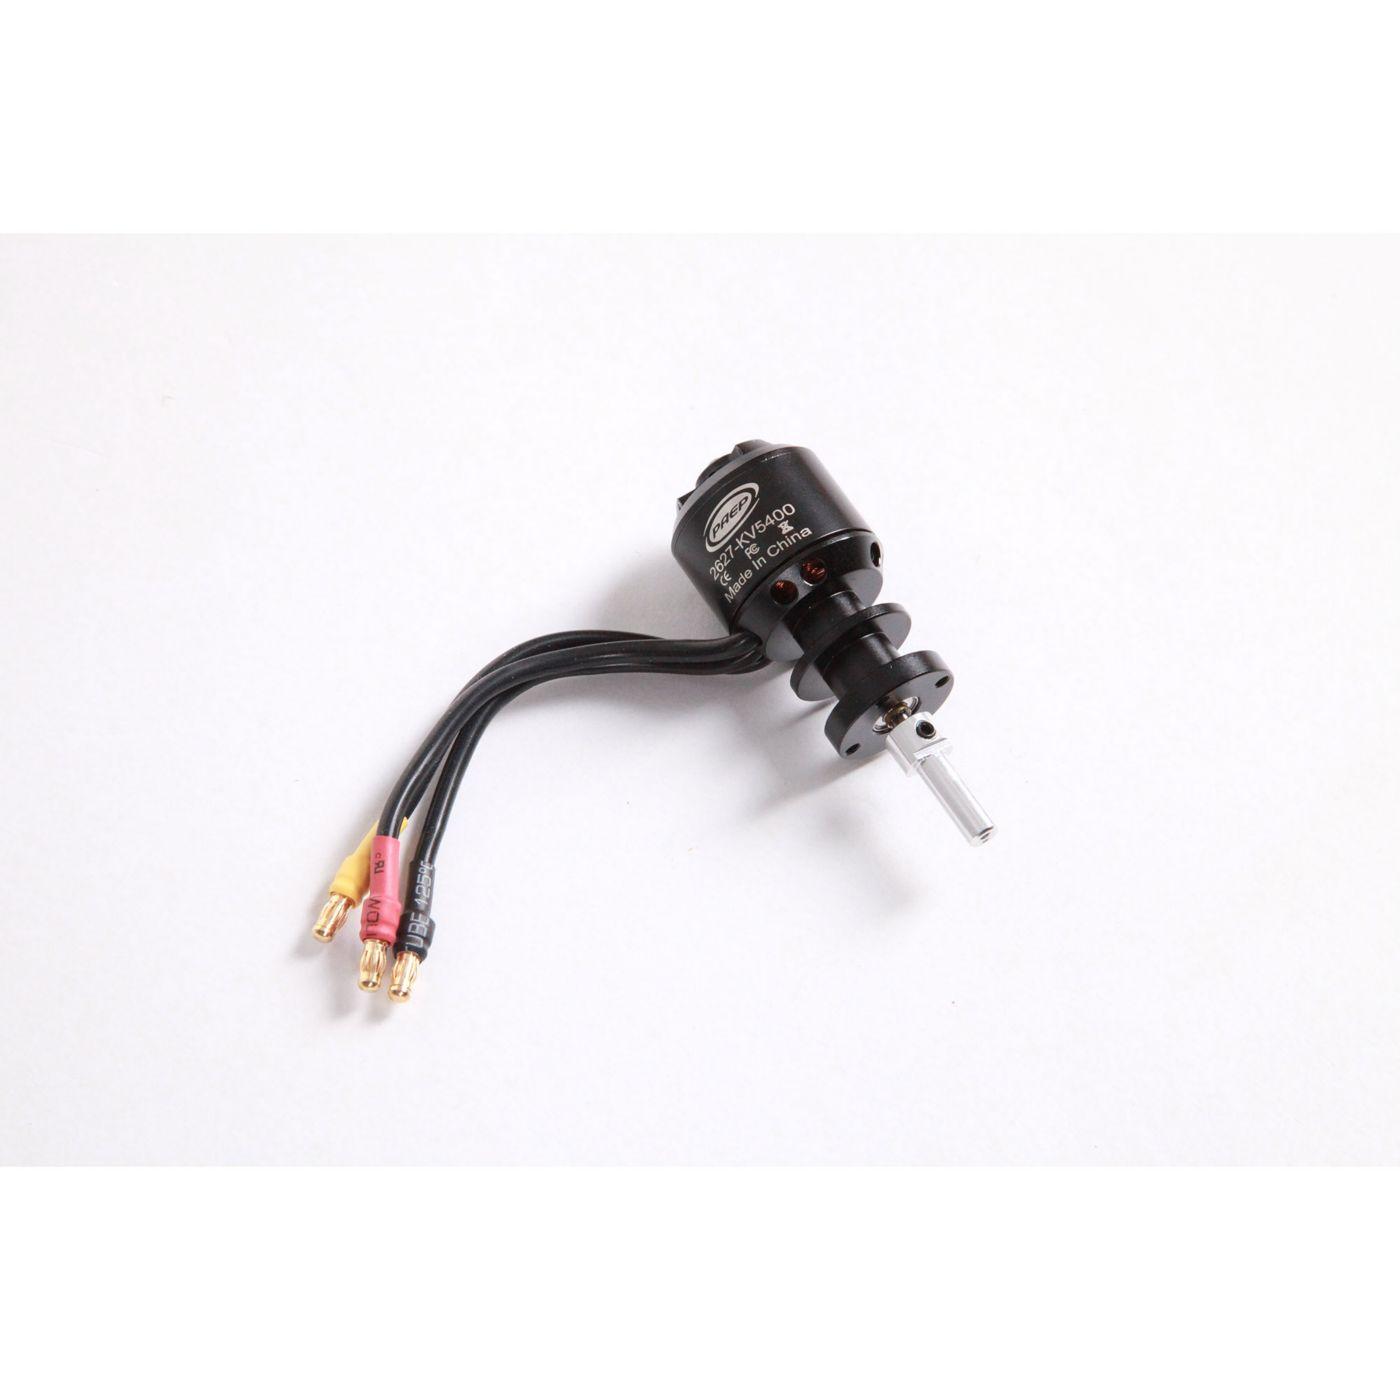 Motor 2627-KV5400 for Ducted Fan  (FMMKV5400)